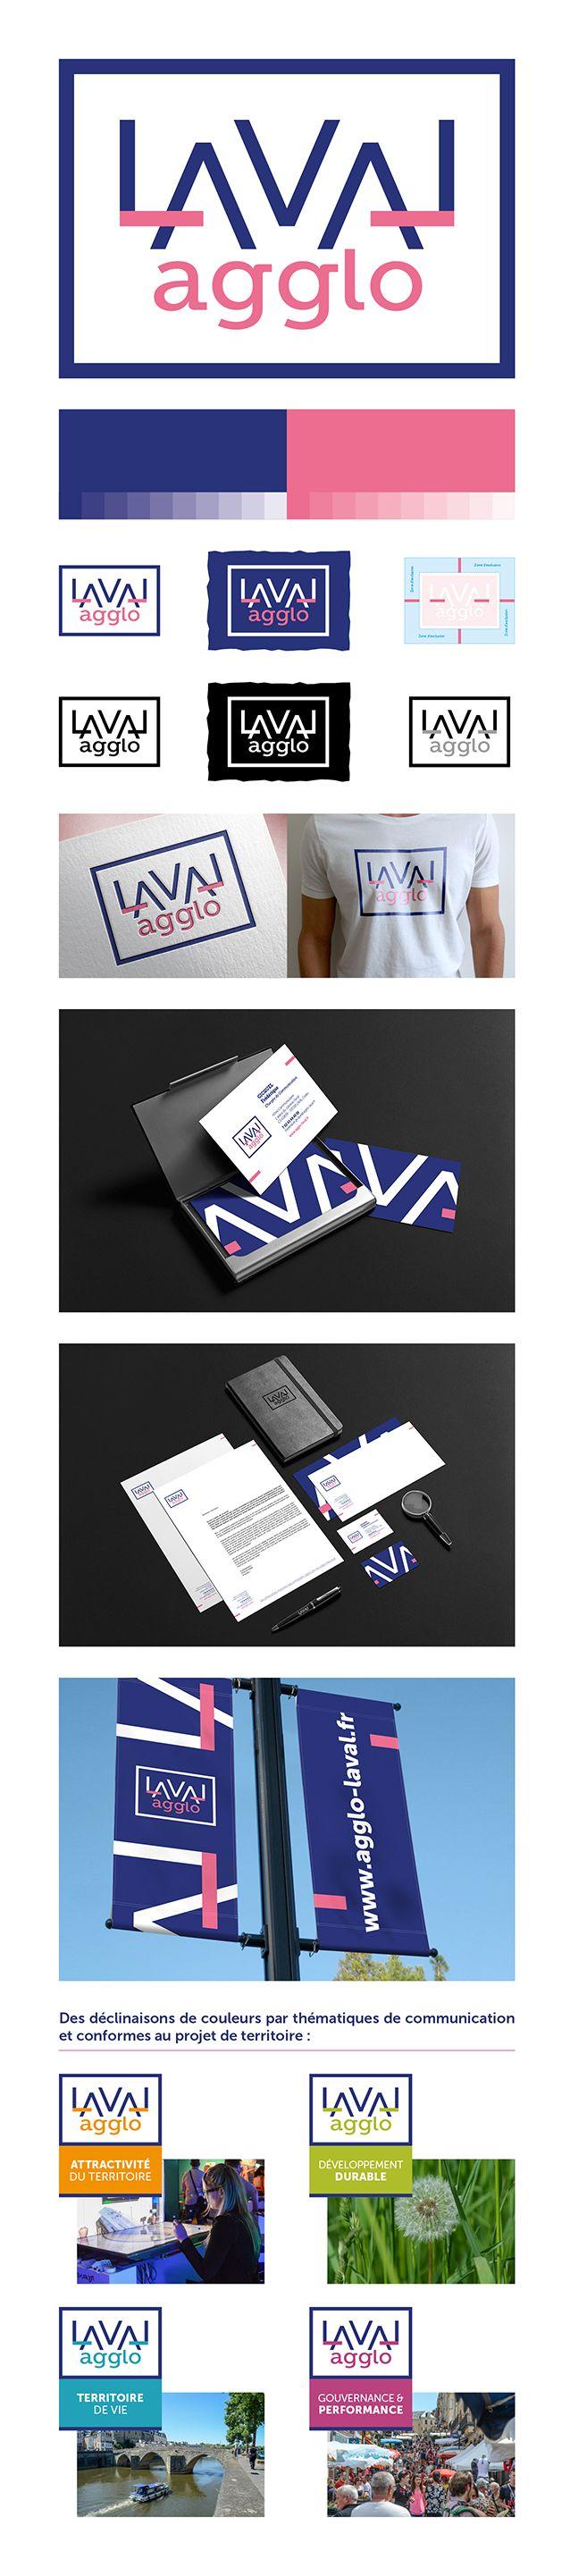 MOSWO | le public | Laval Agglo | Identité | com publique | logo | ville | marque | tourisme | palindrome | symétrie